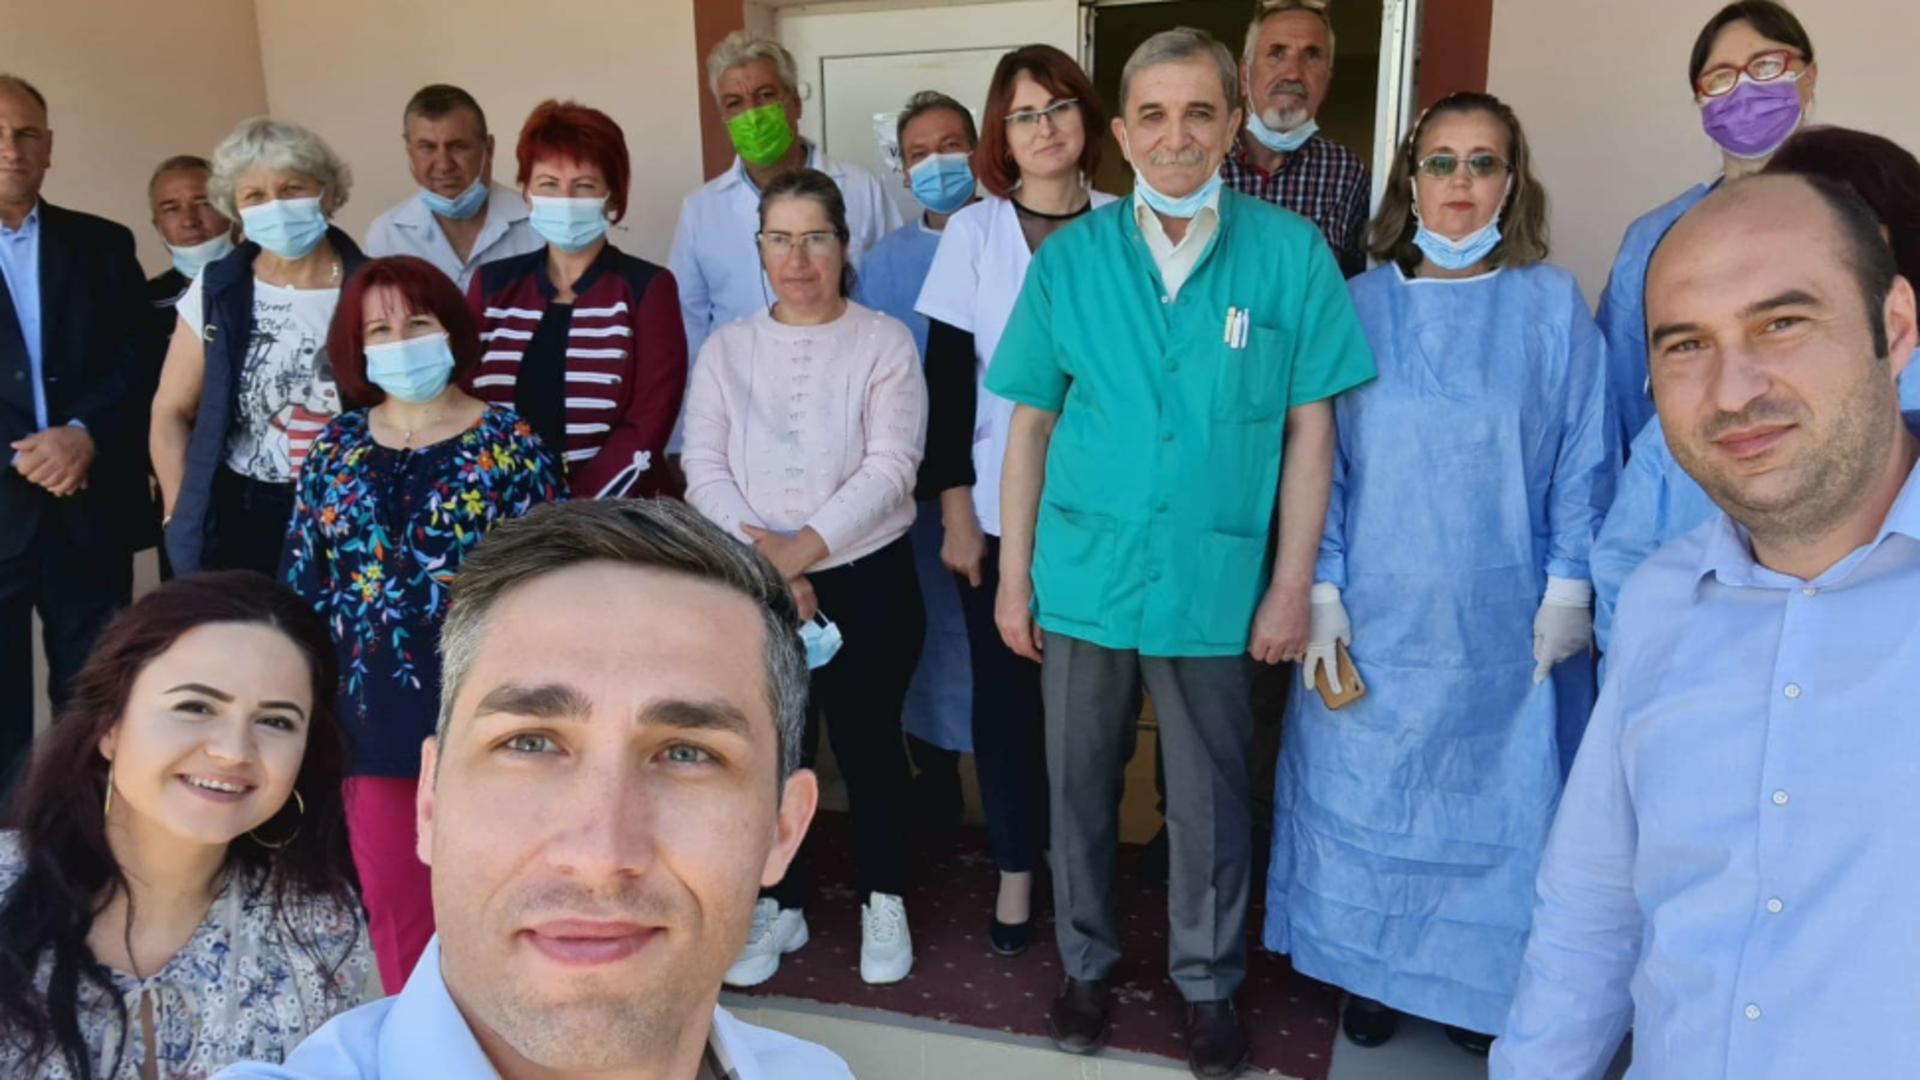 Valeriu Gheorghiță s-a reîntors în satul său natal să vaccineze - Cum l-au primit localnicii Foto: Facebook